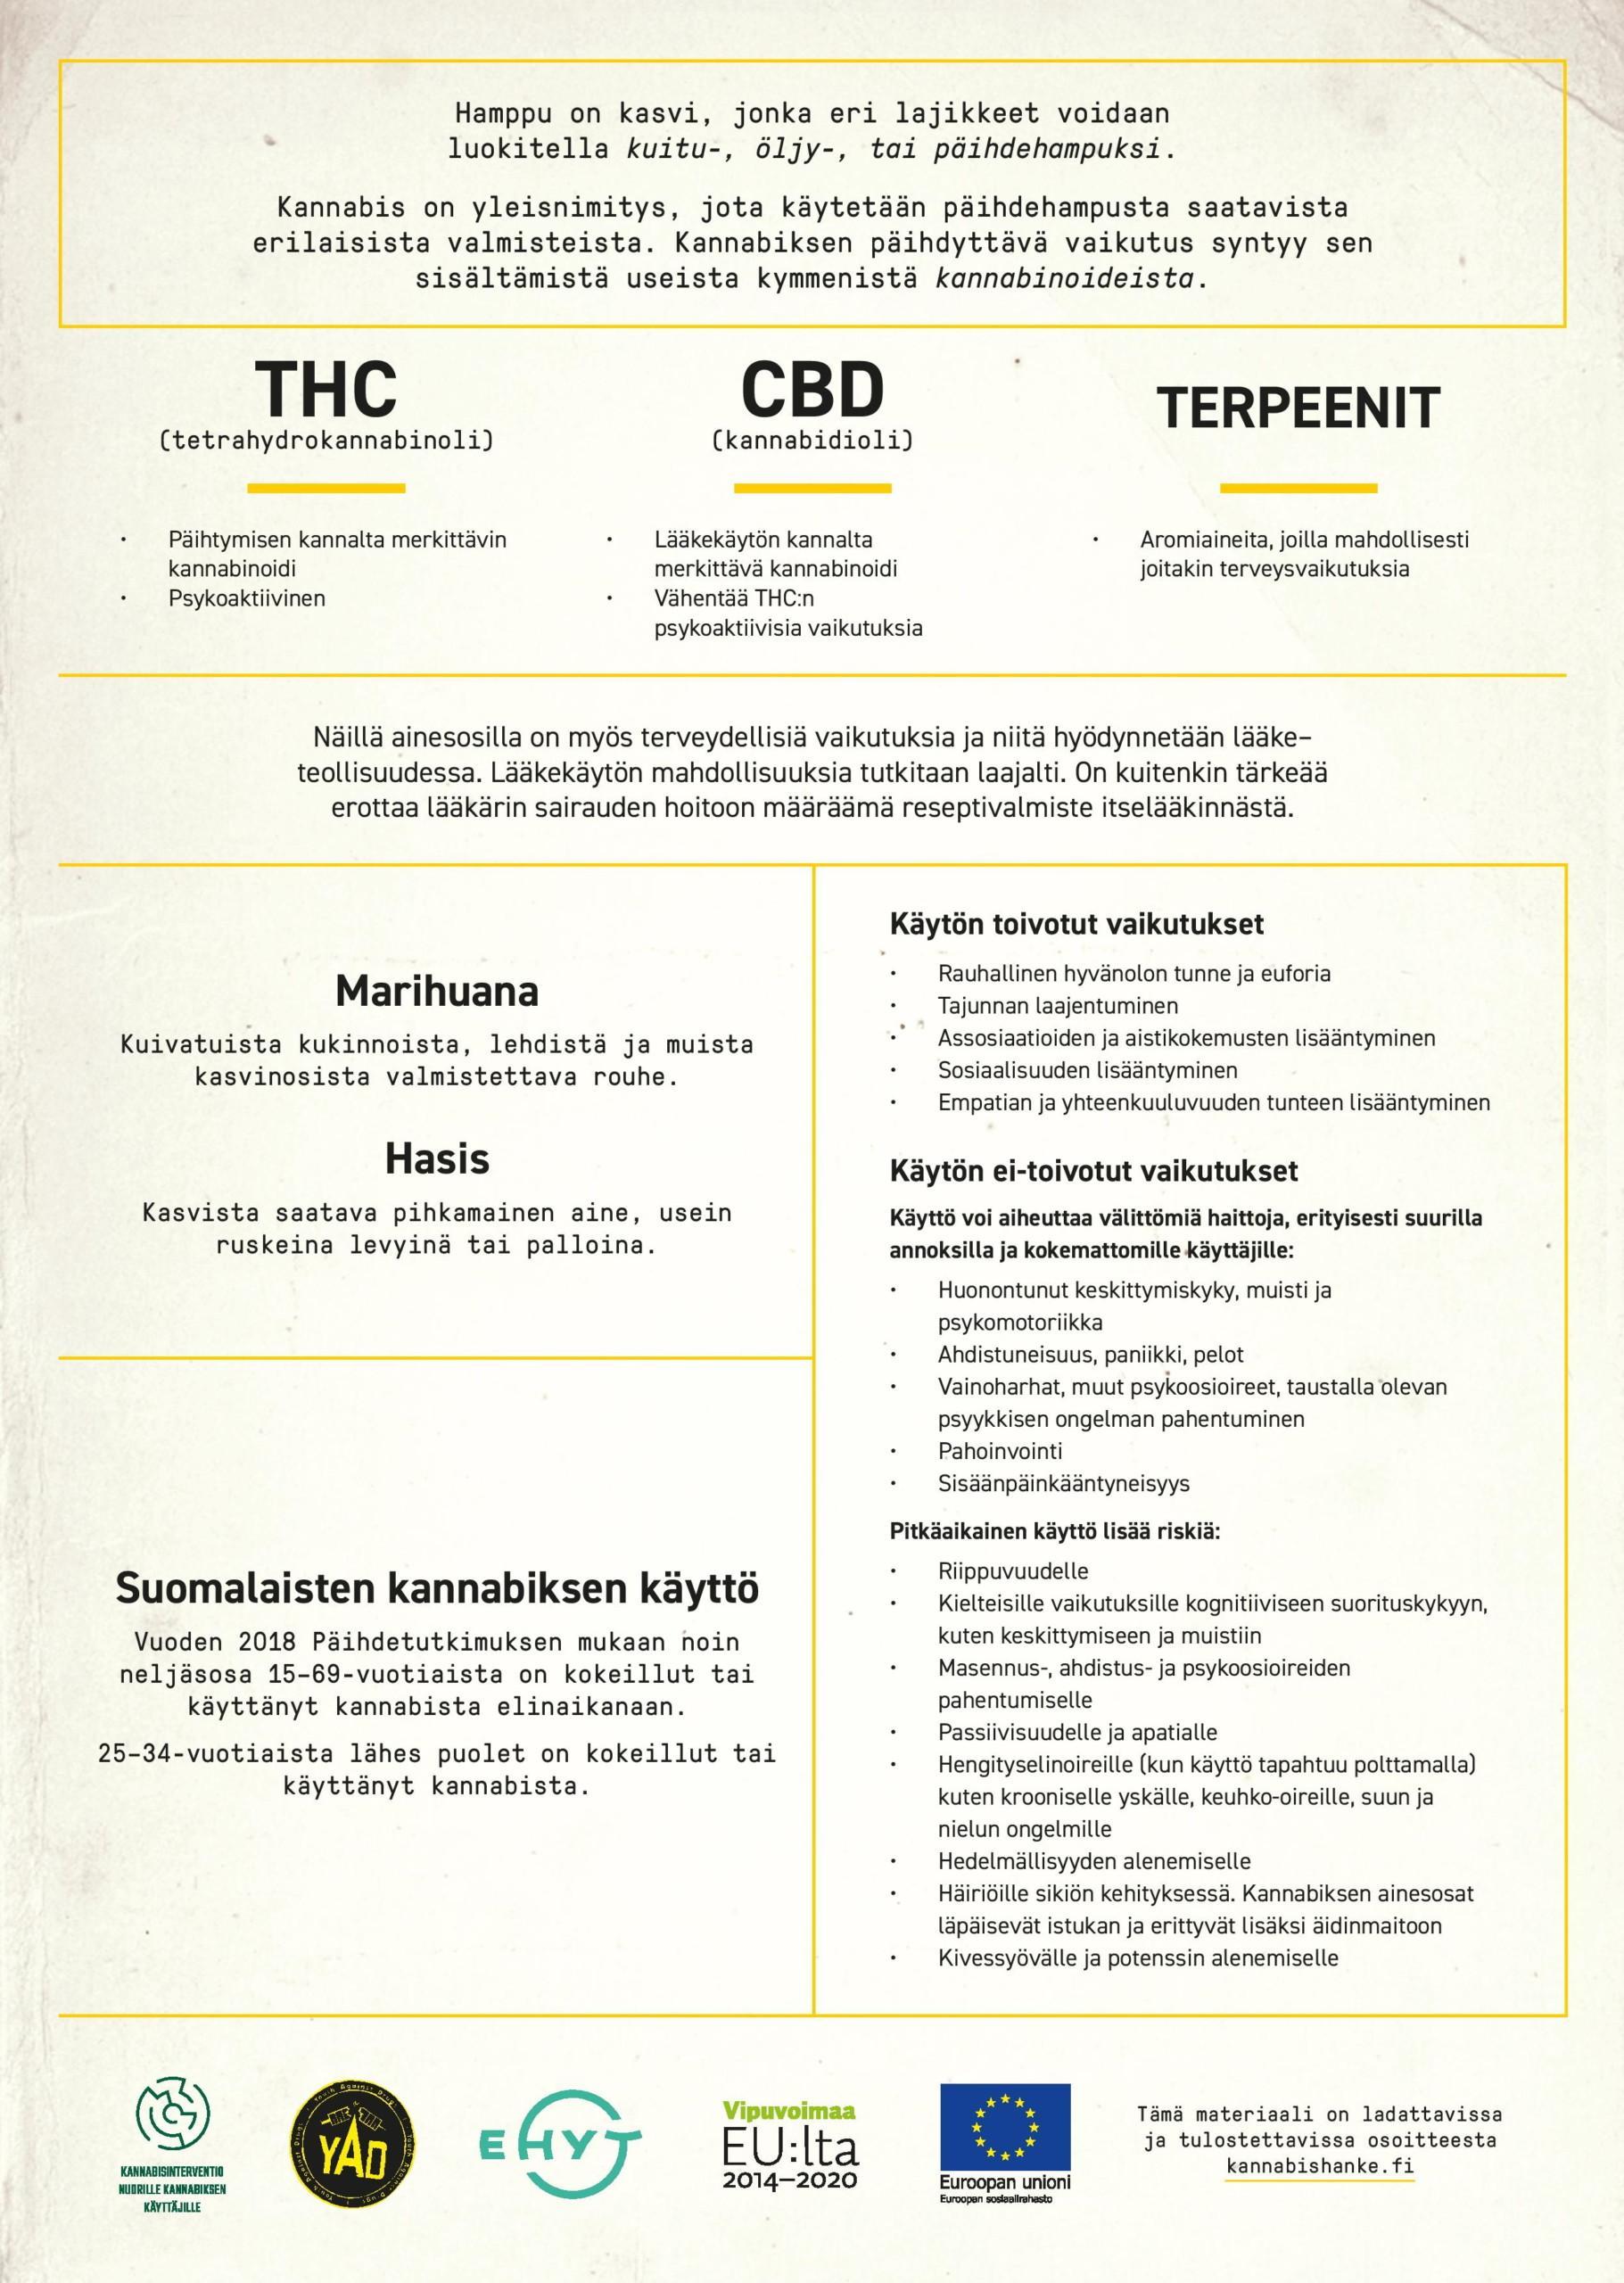 Kuvassa selitetty kannabiksen ainesosat tarkemmin, suomalaisten kannabiksen käytöstä sekä käytön vaikutuksia.